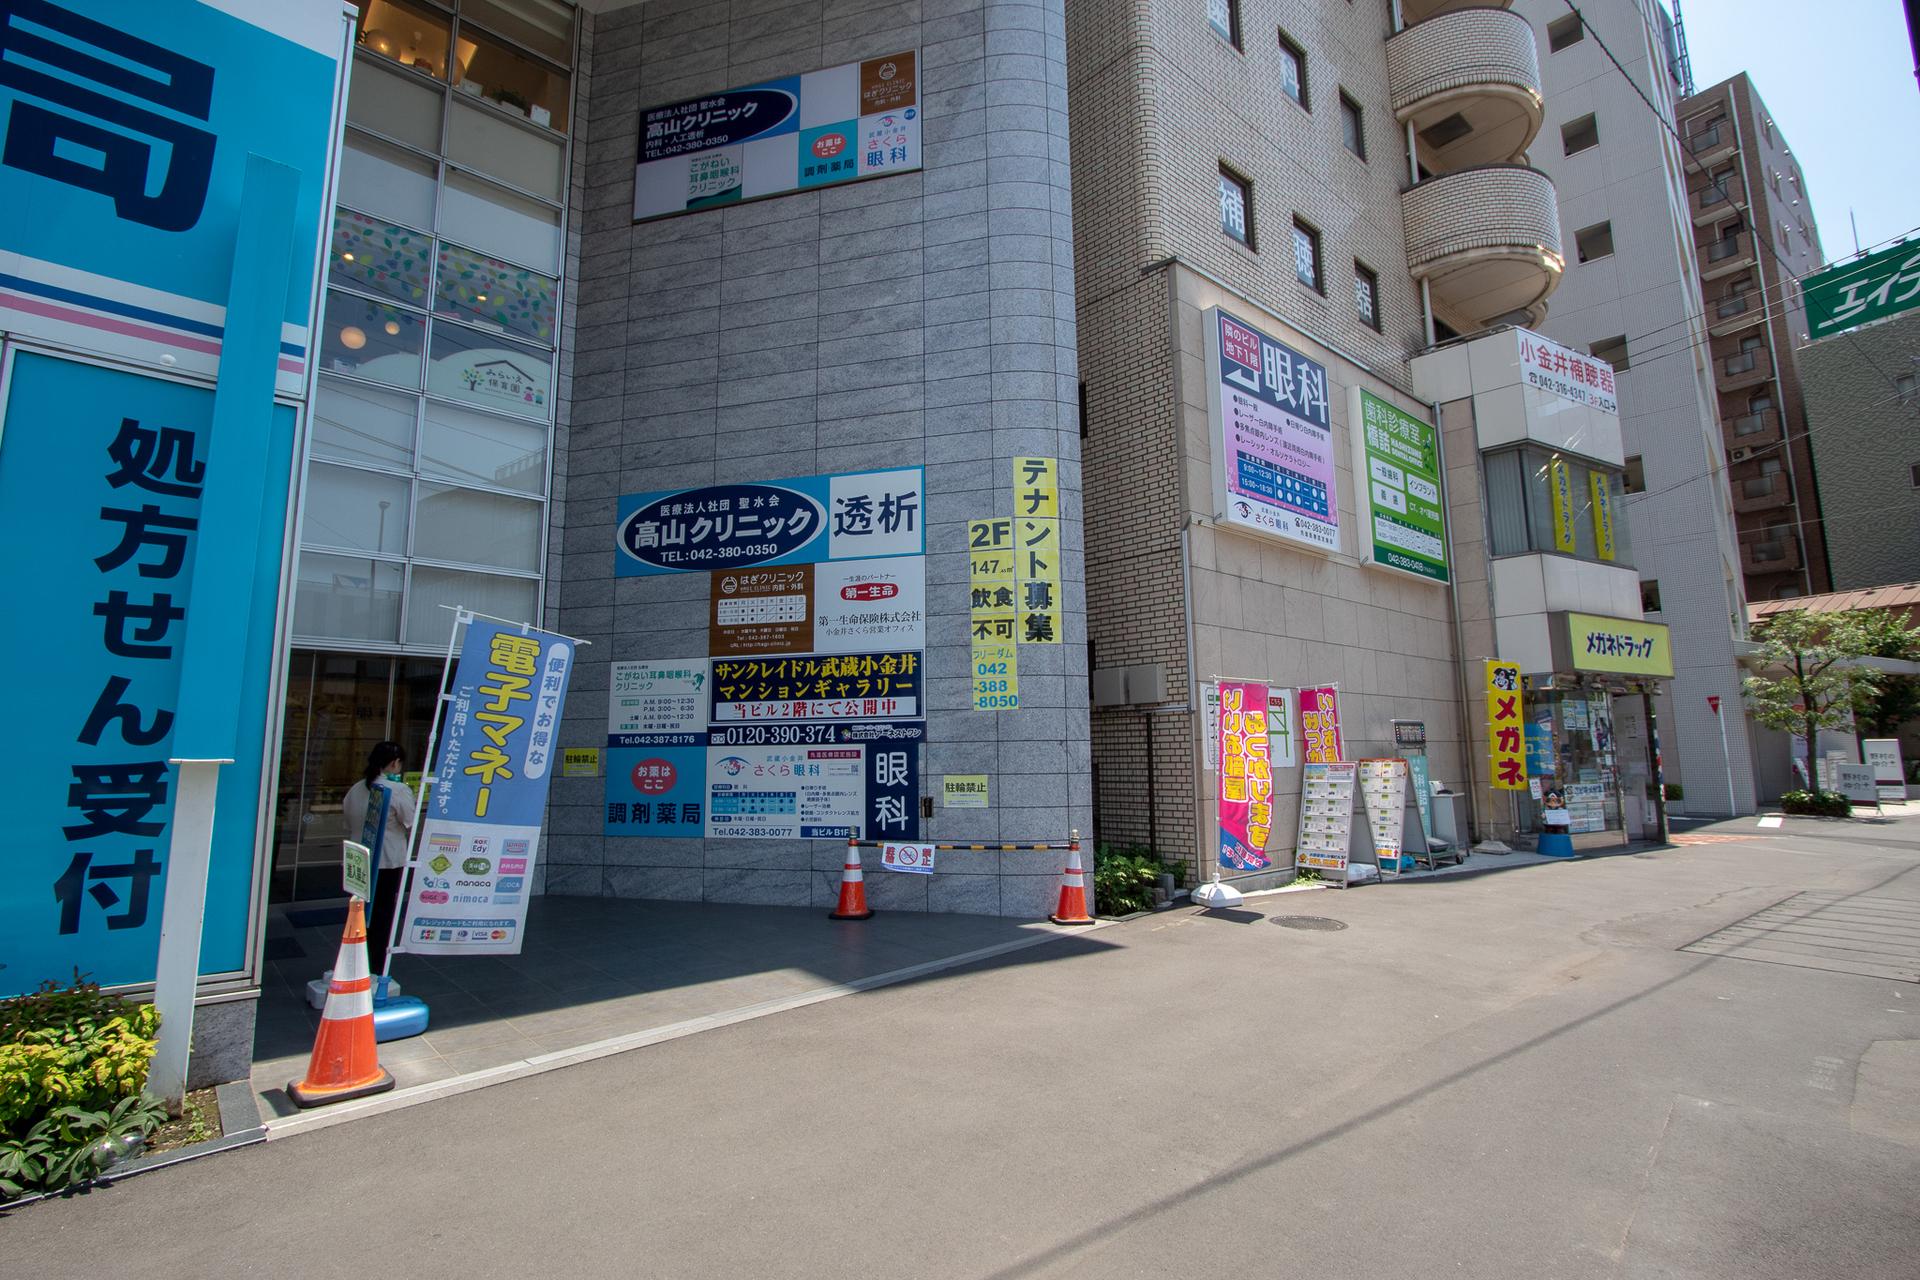 f:id:akichiniiko:20181226202926j:plain